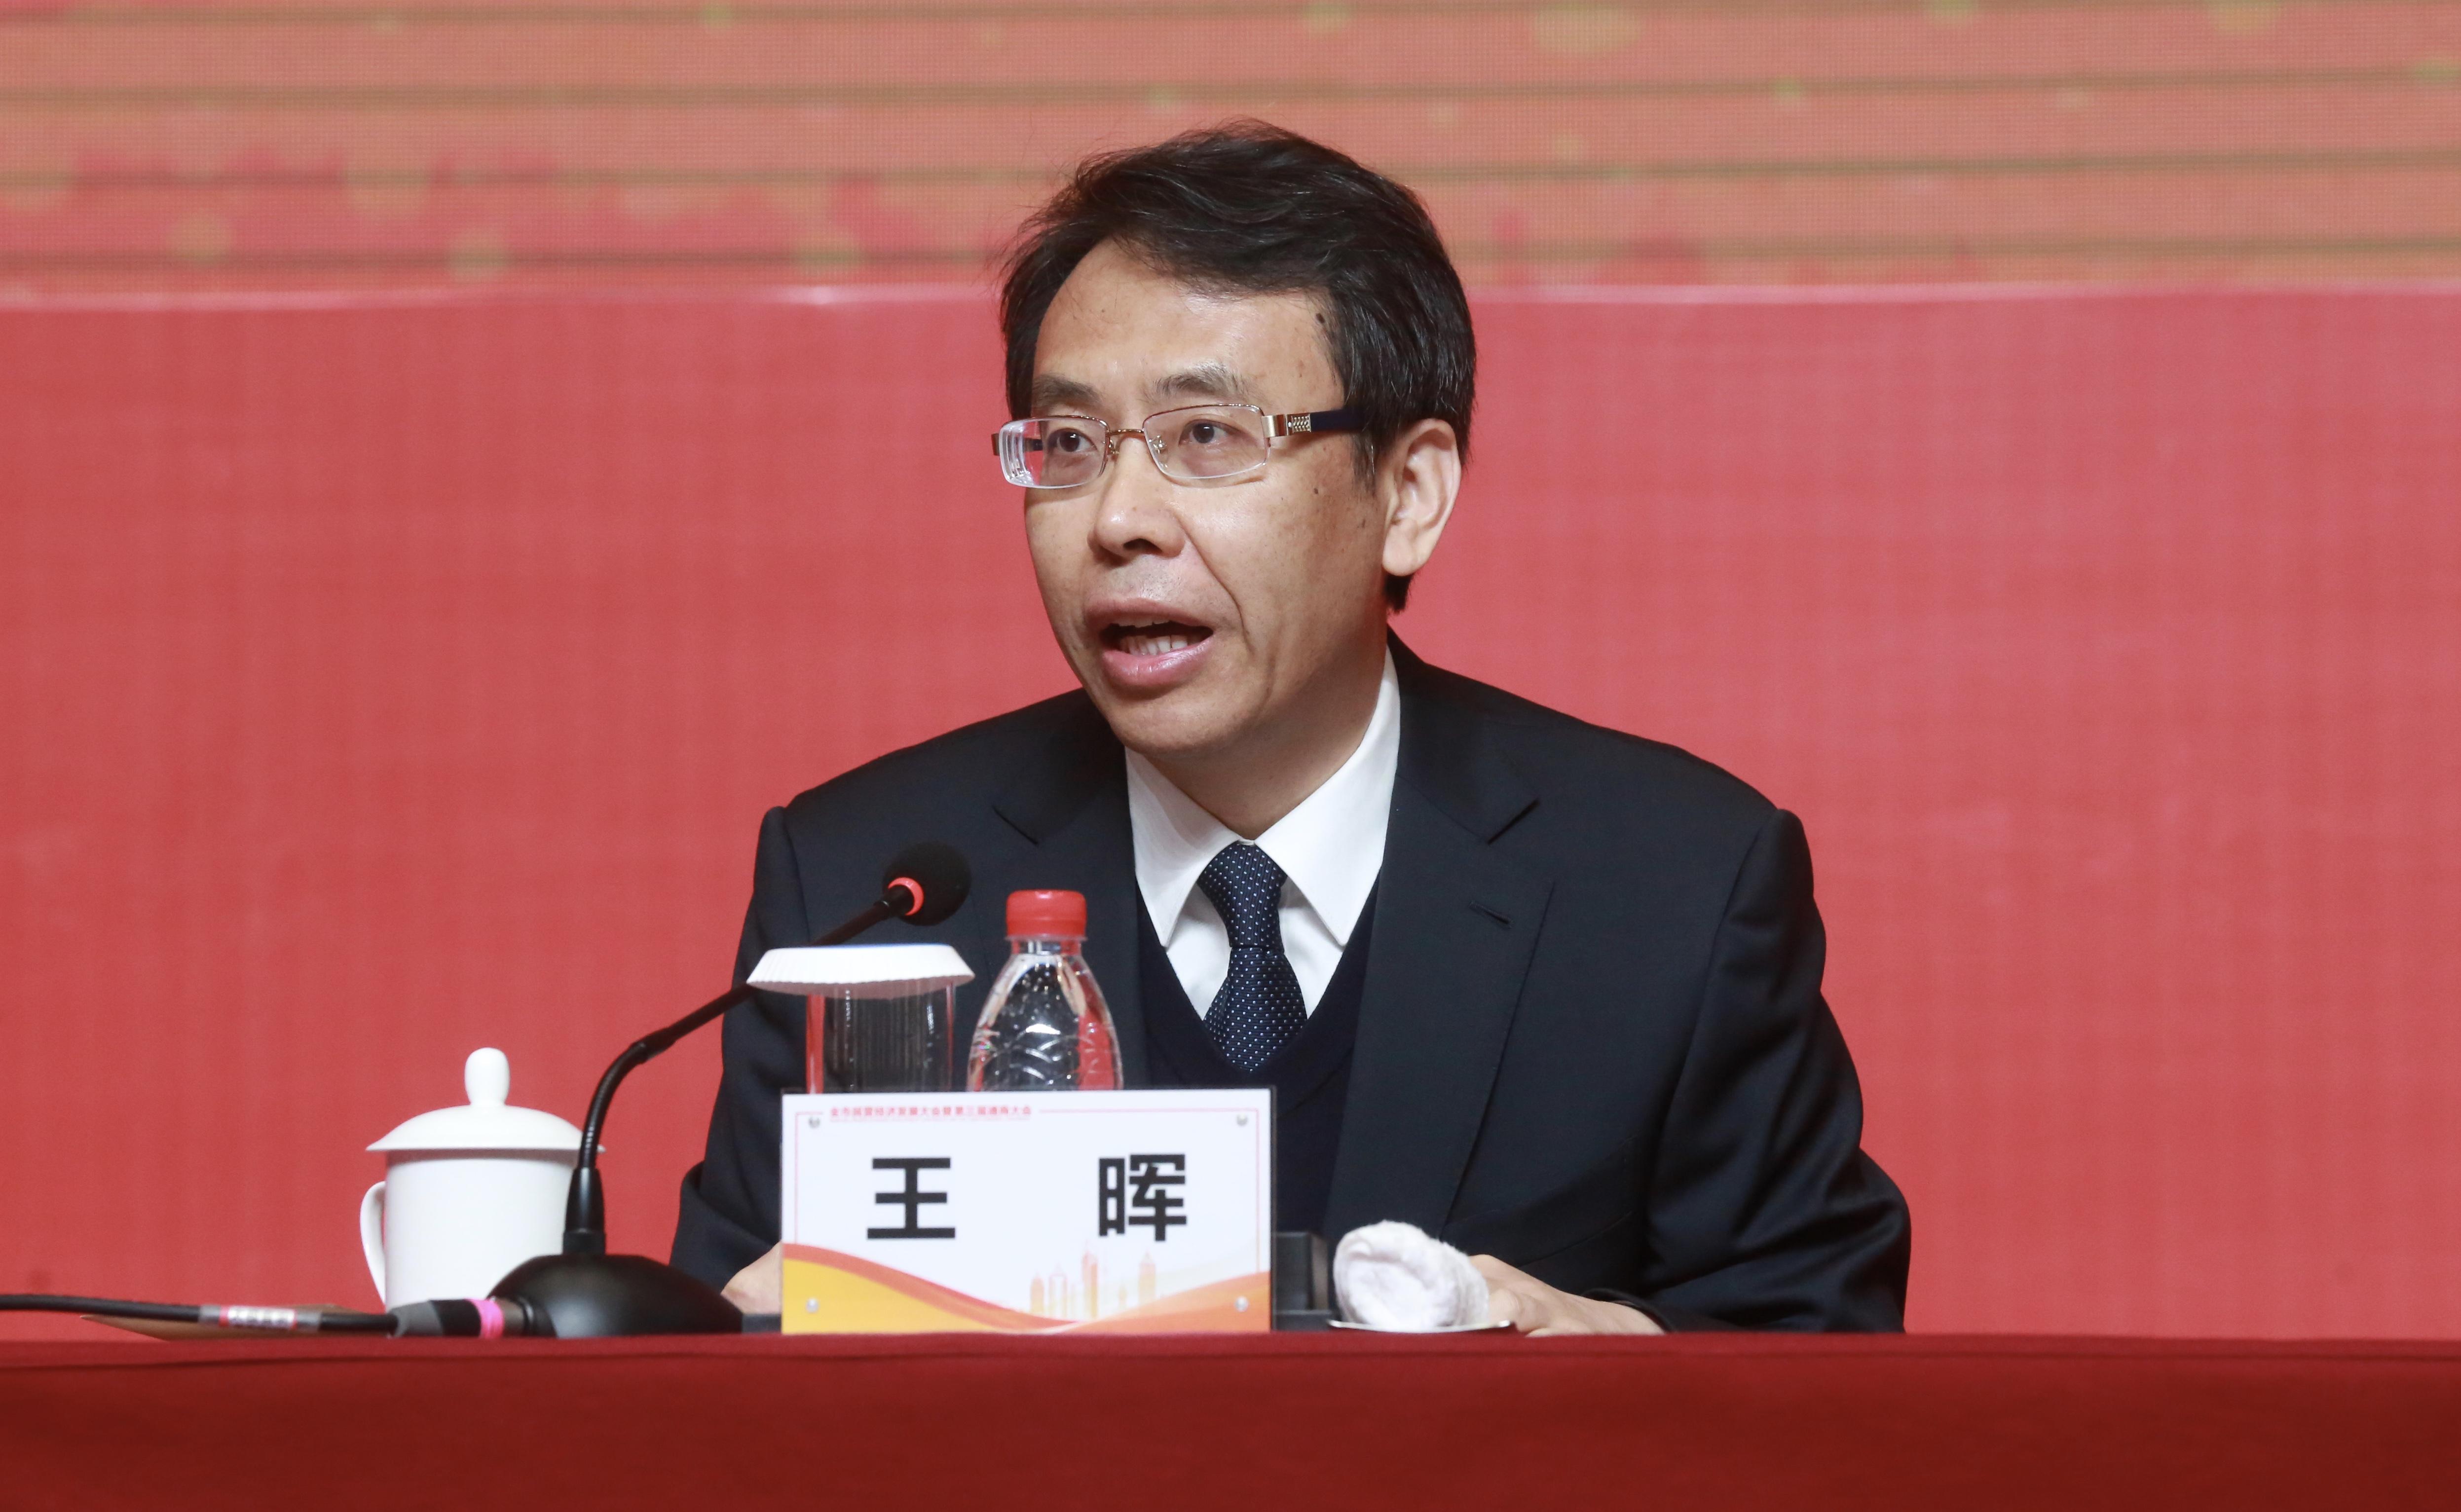 南通市委副书记、市长王晖主持会议